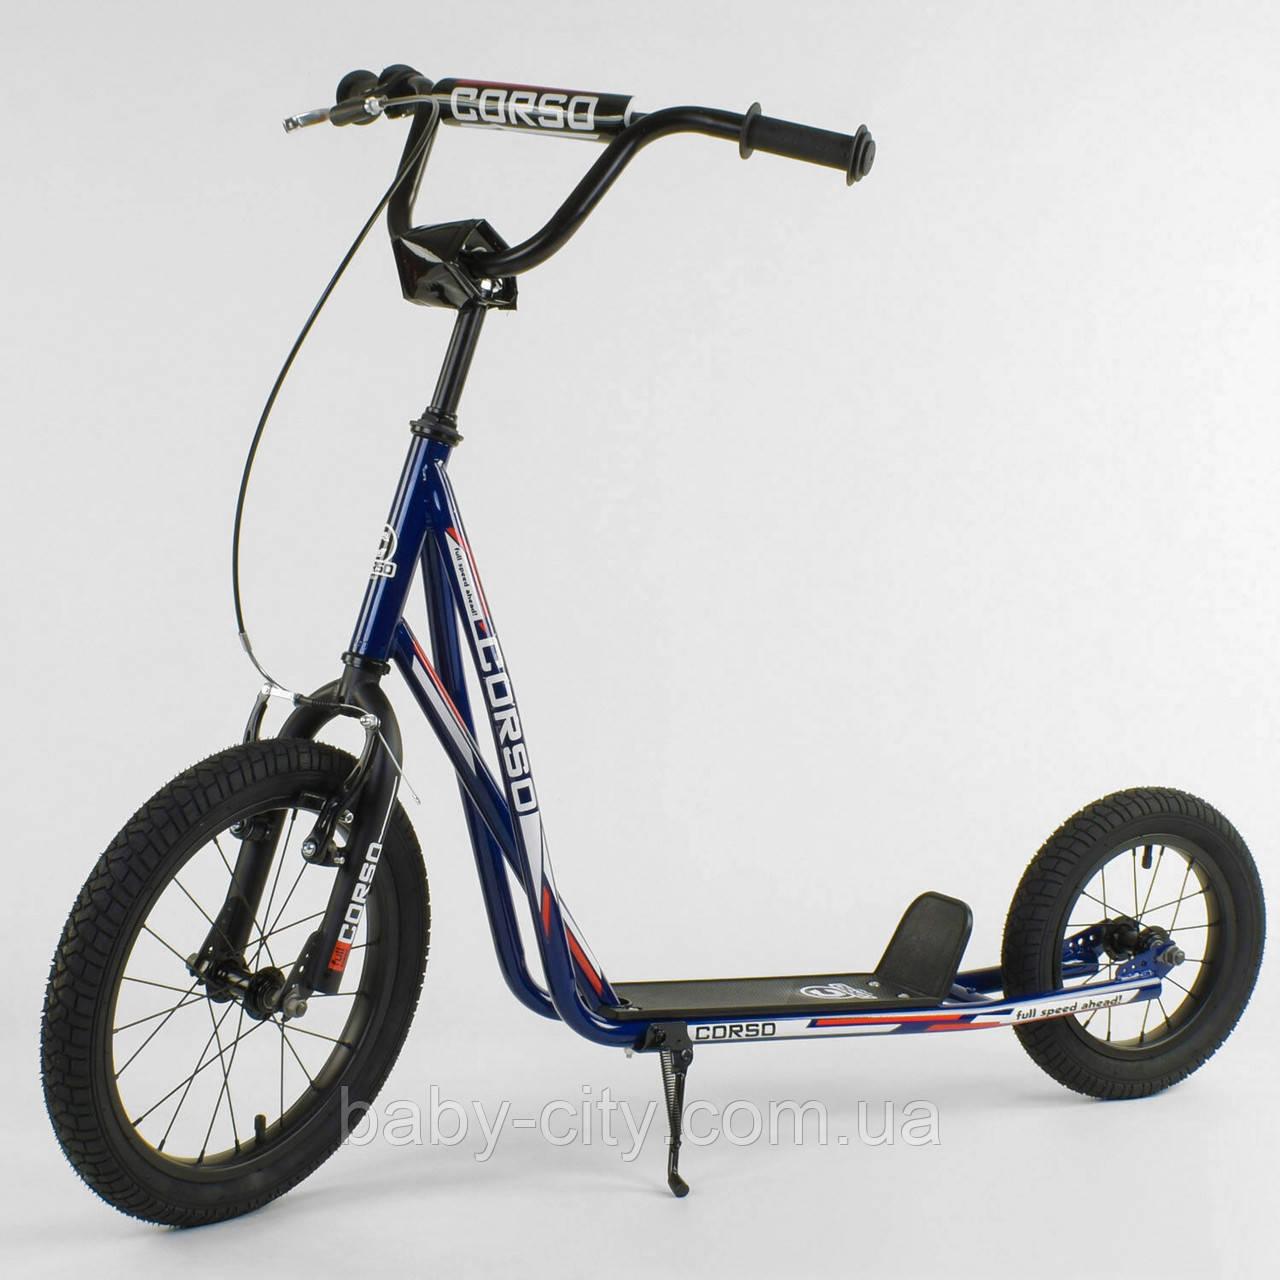 Детский самокат двухколесный Corso МХ 30609 синий